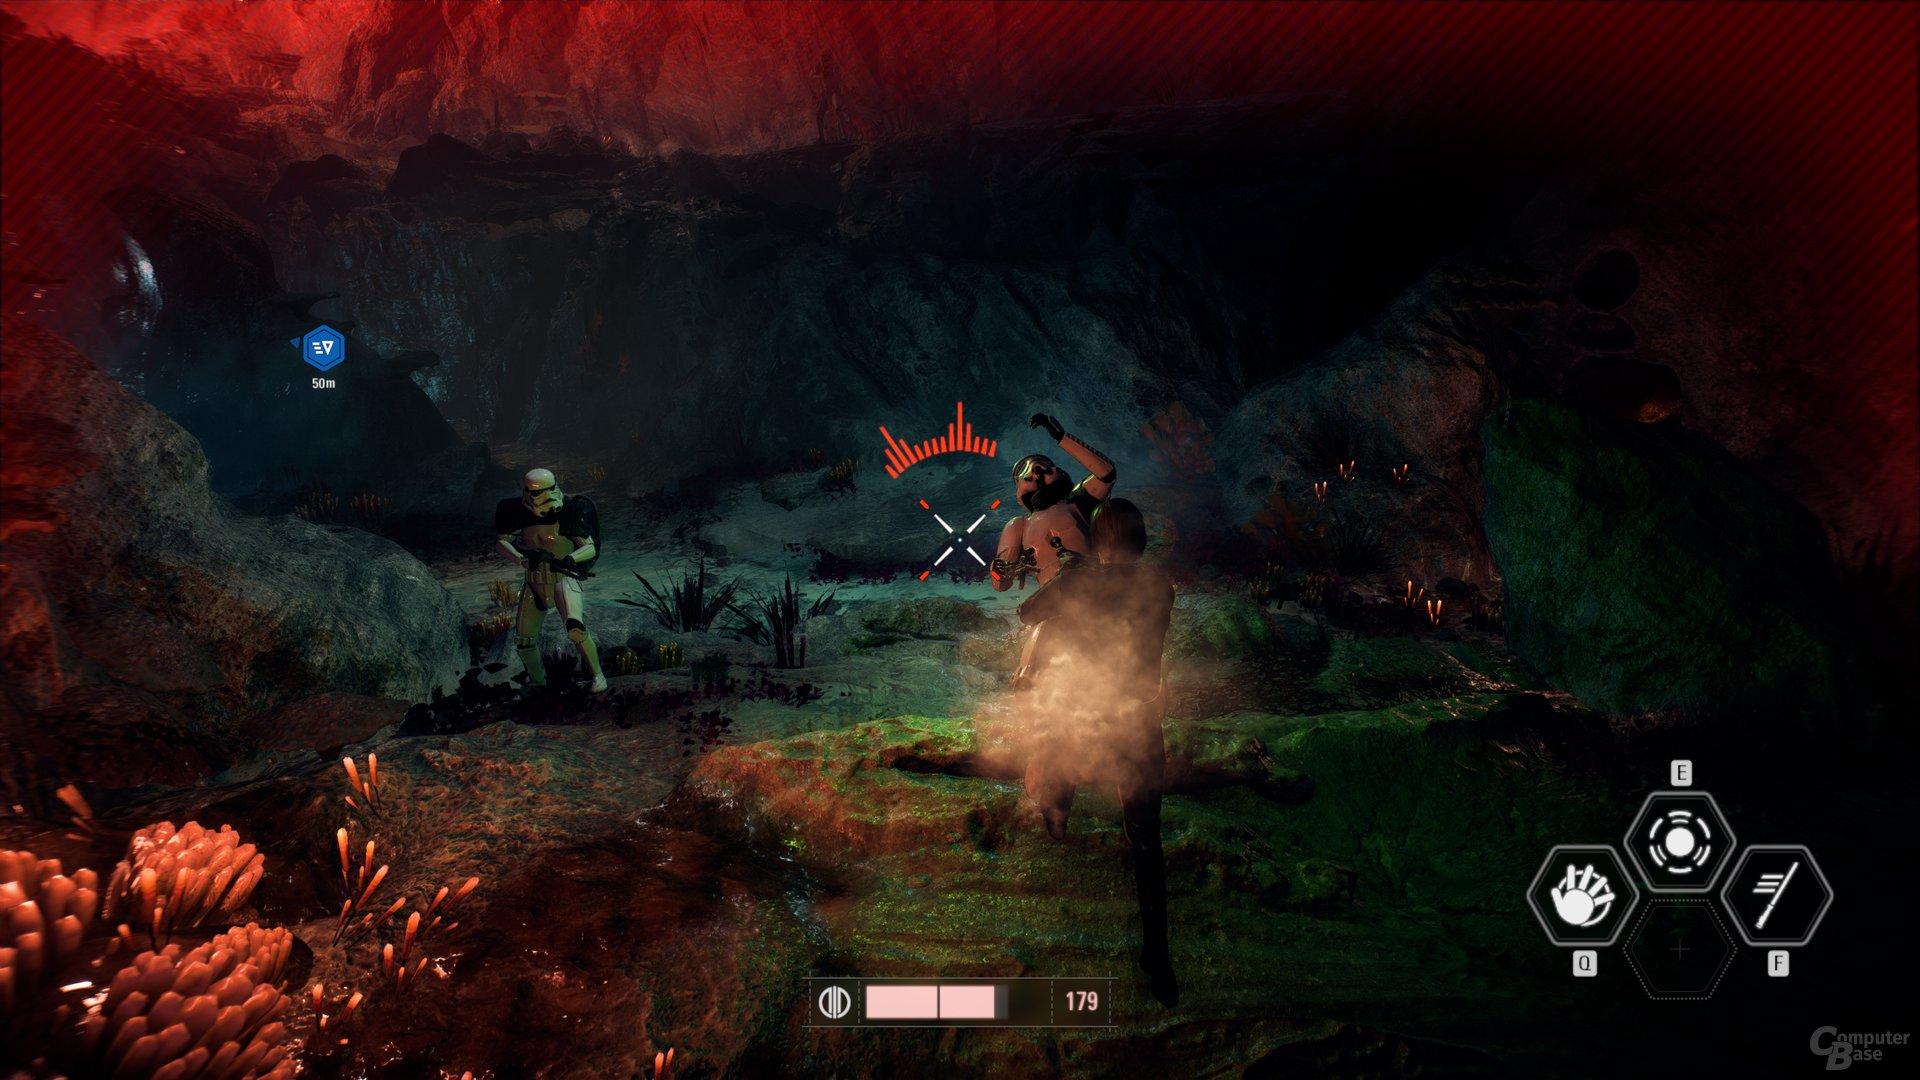 AMD CrossFire in Star Wars: Battlefront 2